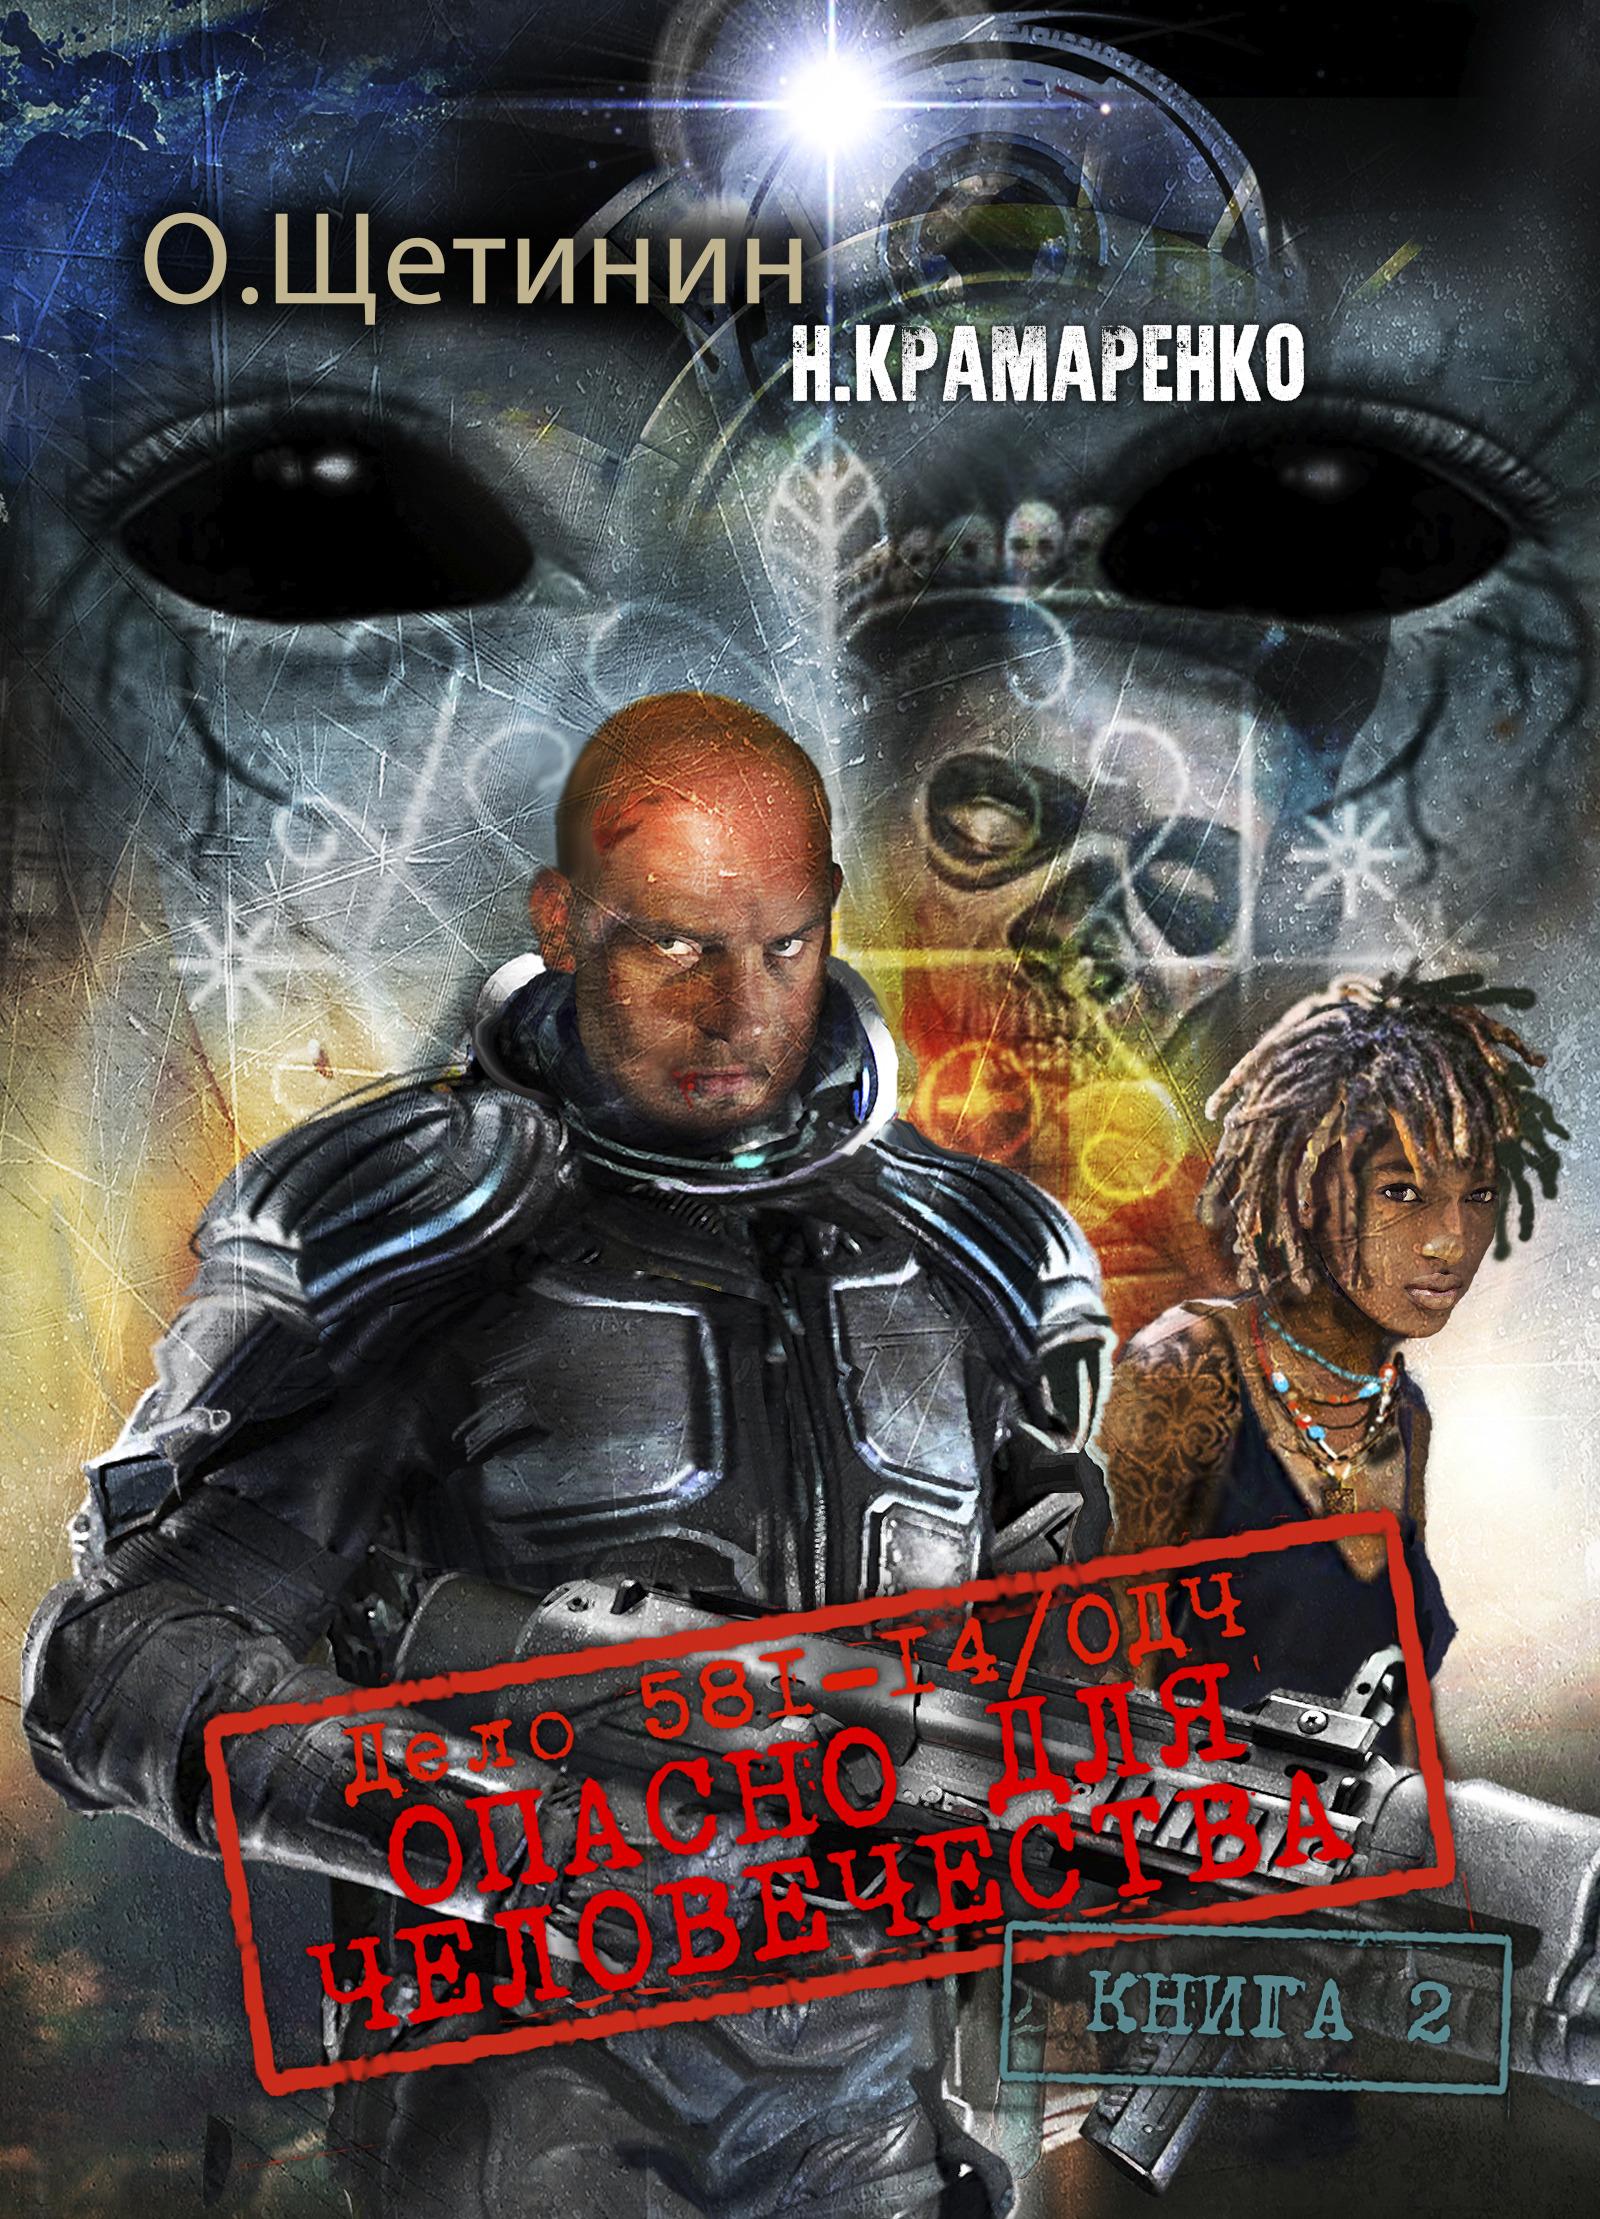 Дело 581-14\/ОДЧ Опасно для человечества. Книга 2